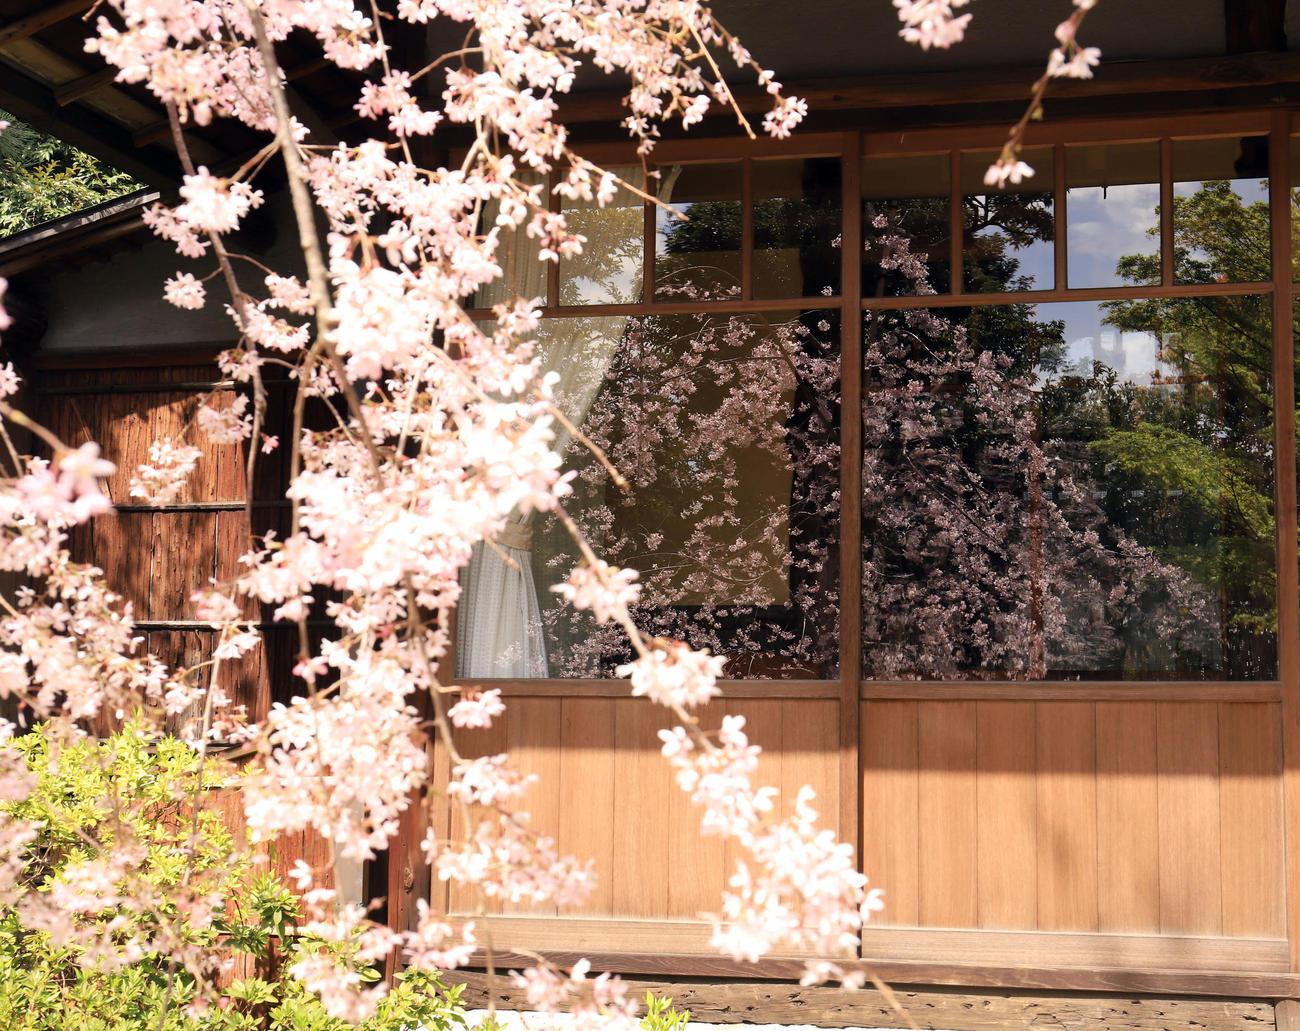 「壺中庵」の小窓にはしだれ桜が映り込み風情を感じさせる